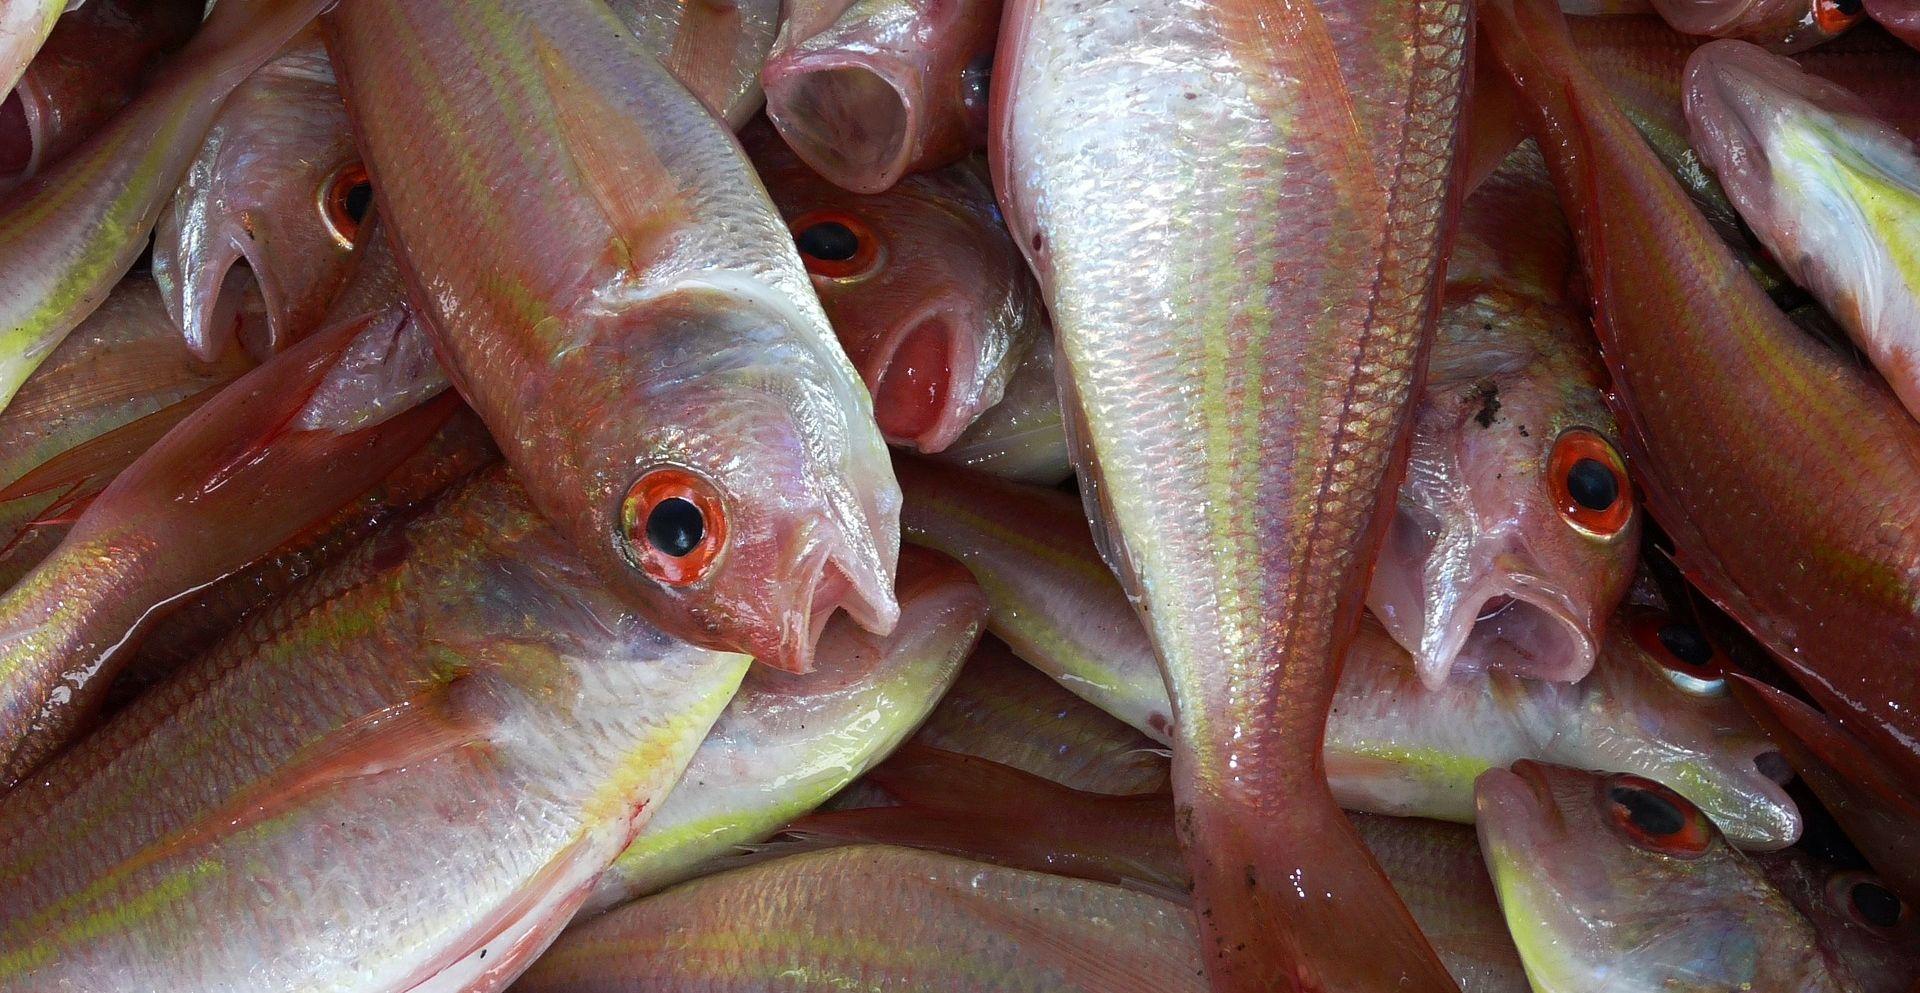 SITUACIJA SVE TEŽA 'Na nekim dijelovima Jadrana više uopće nema ribe'